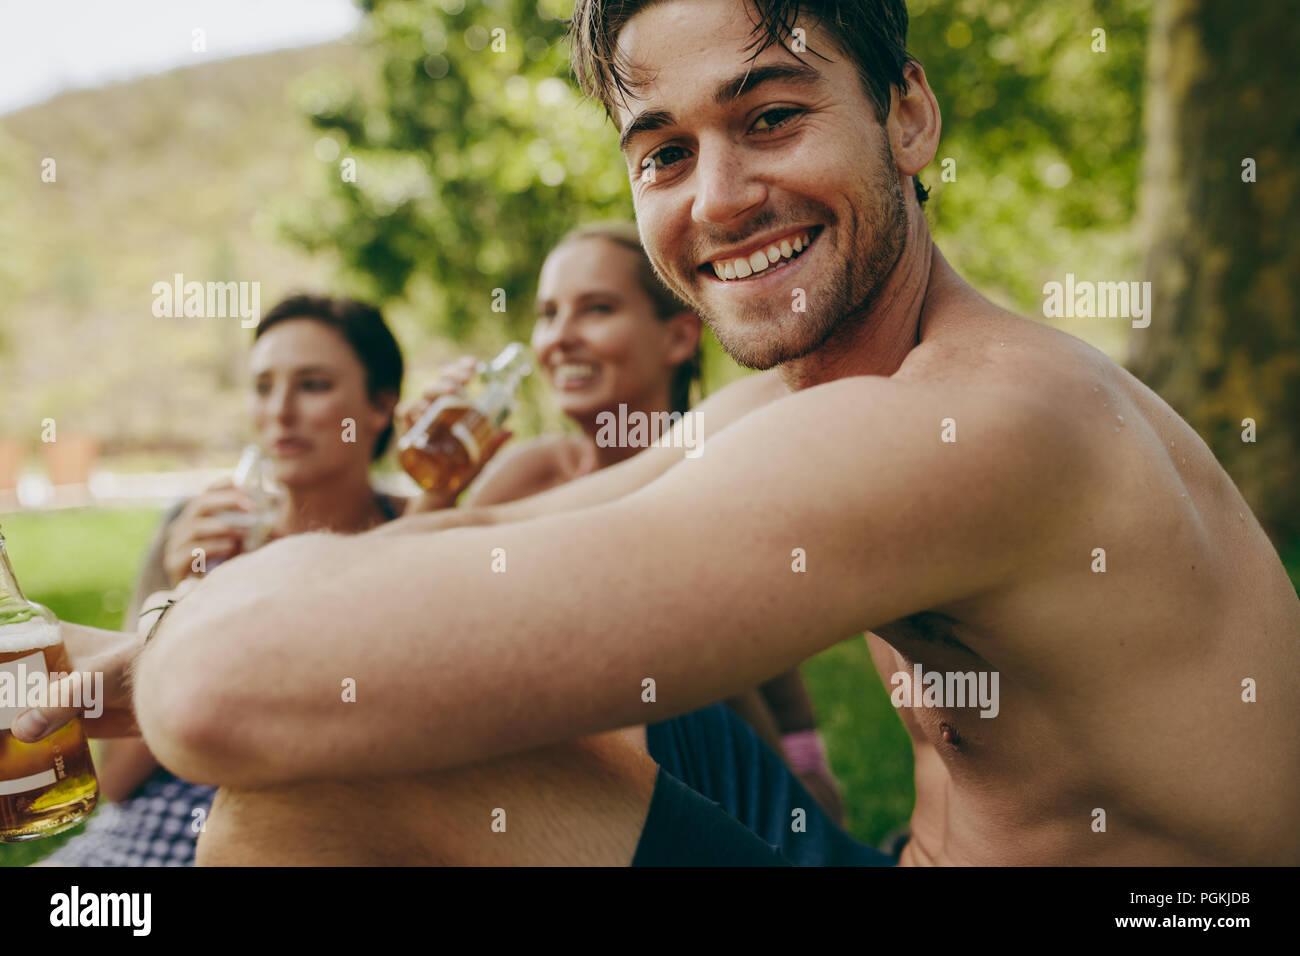 Amigos, disfrutando de las vacaciones en un parque con bebidas. Hombre con dos amigas sentados afuera, bebiendo cerveza. Imagen De Stock